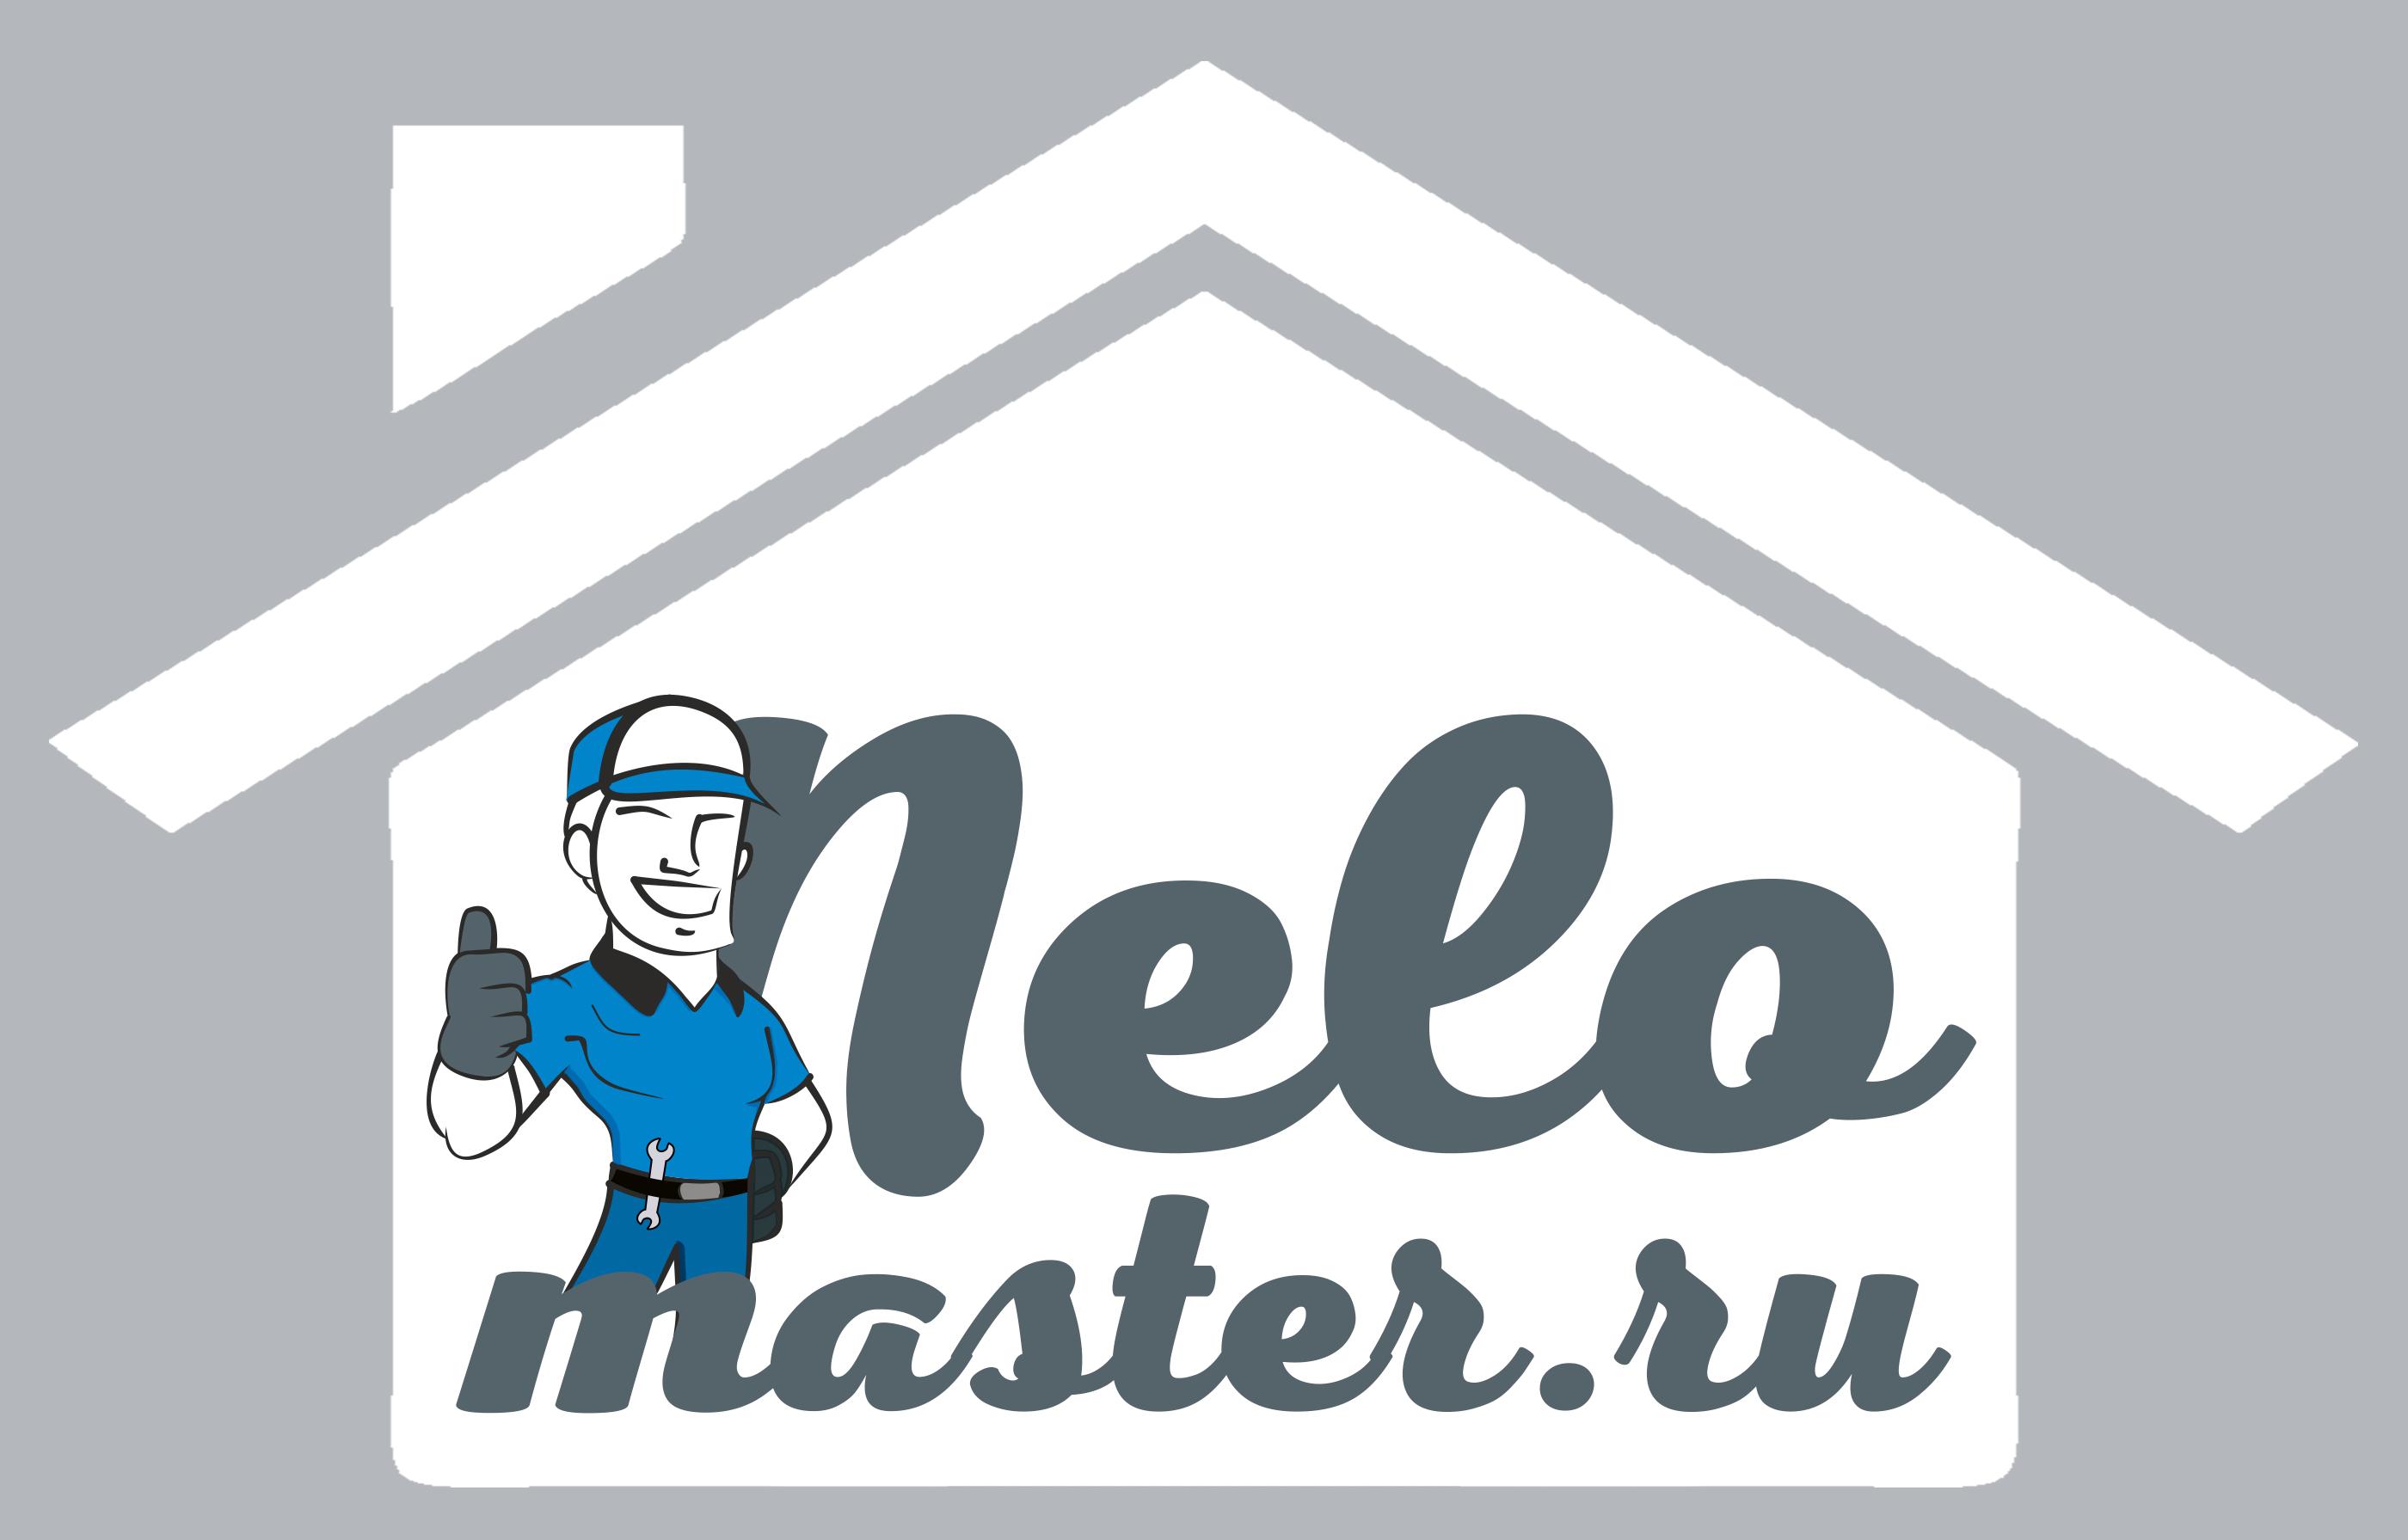 """Логотип сервиса """"Муж на час""""=""""Мужская помощь по дому"""" фото f_9365dbd871e80fda.png"""